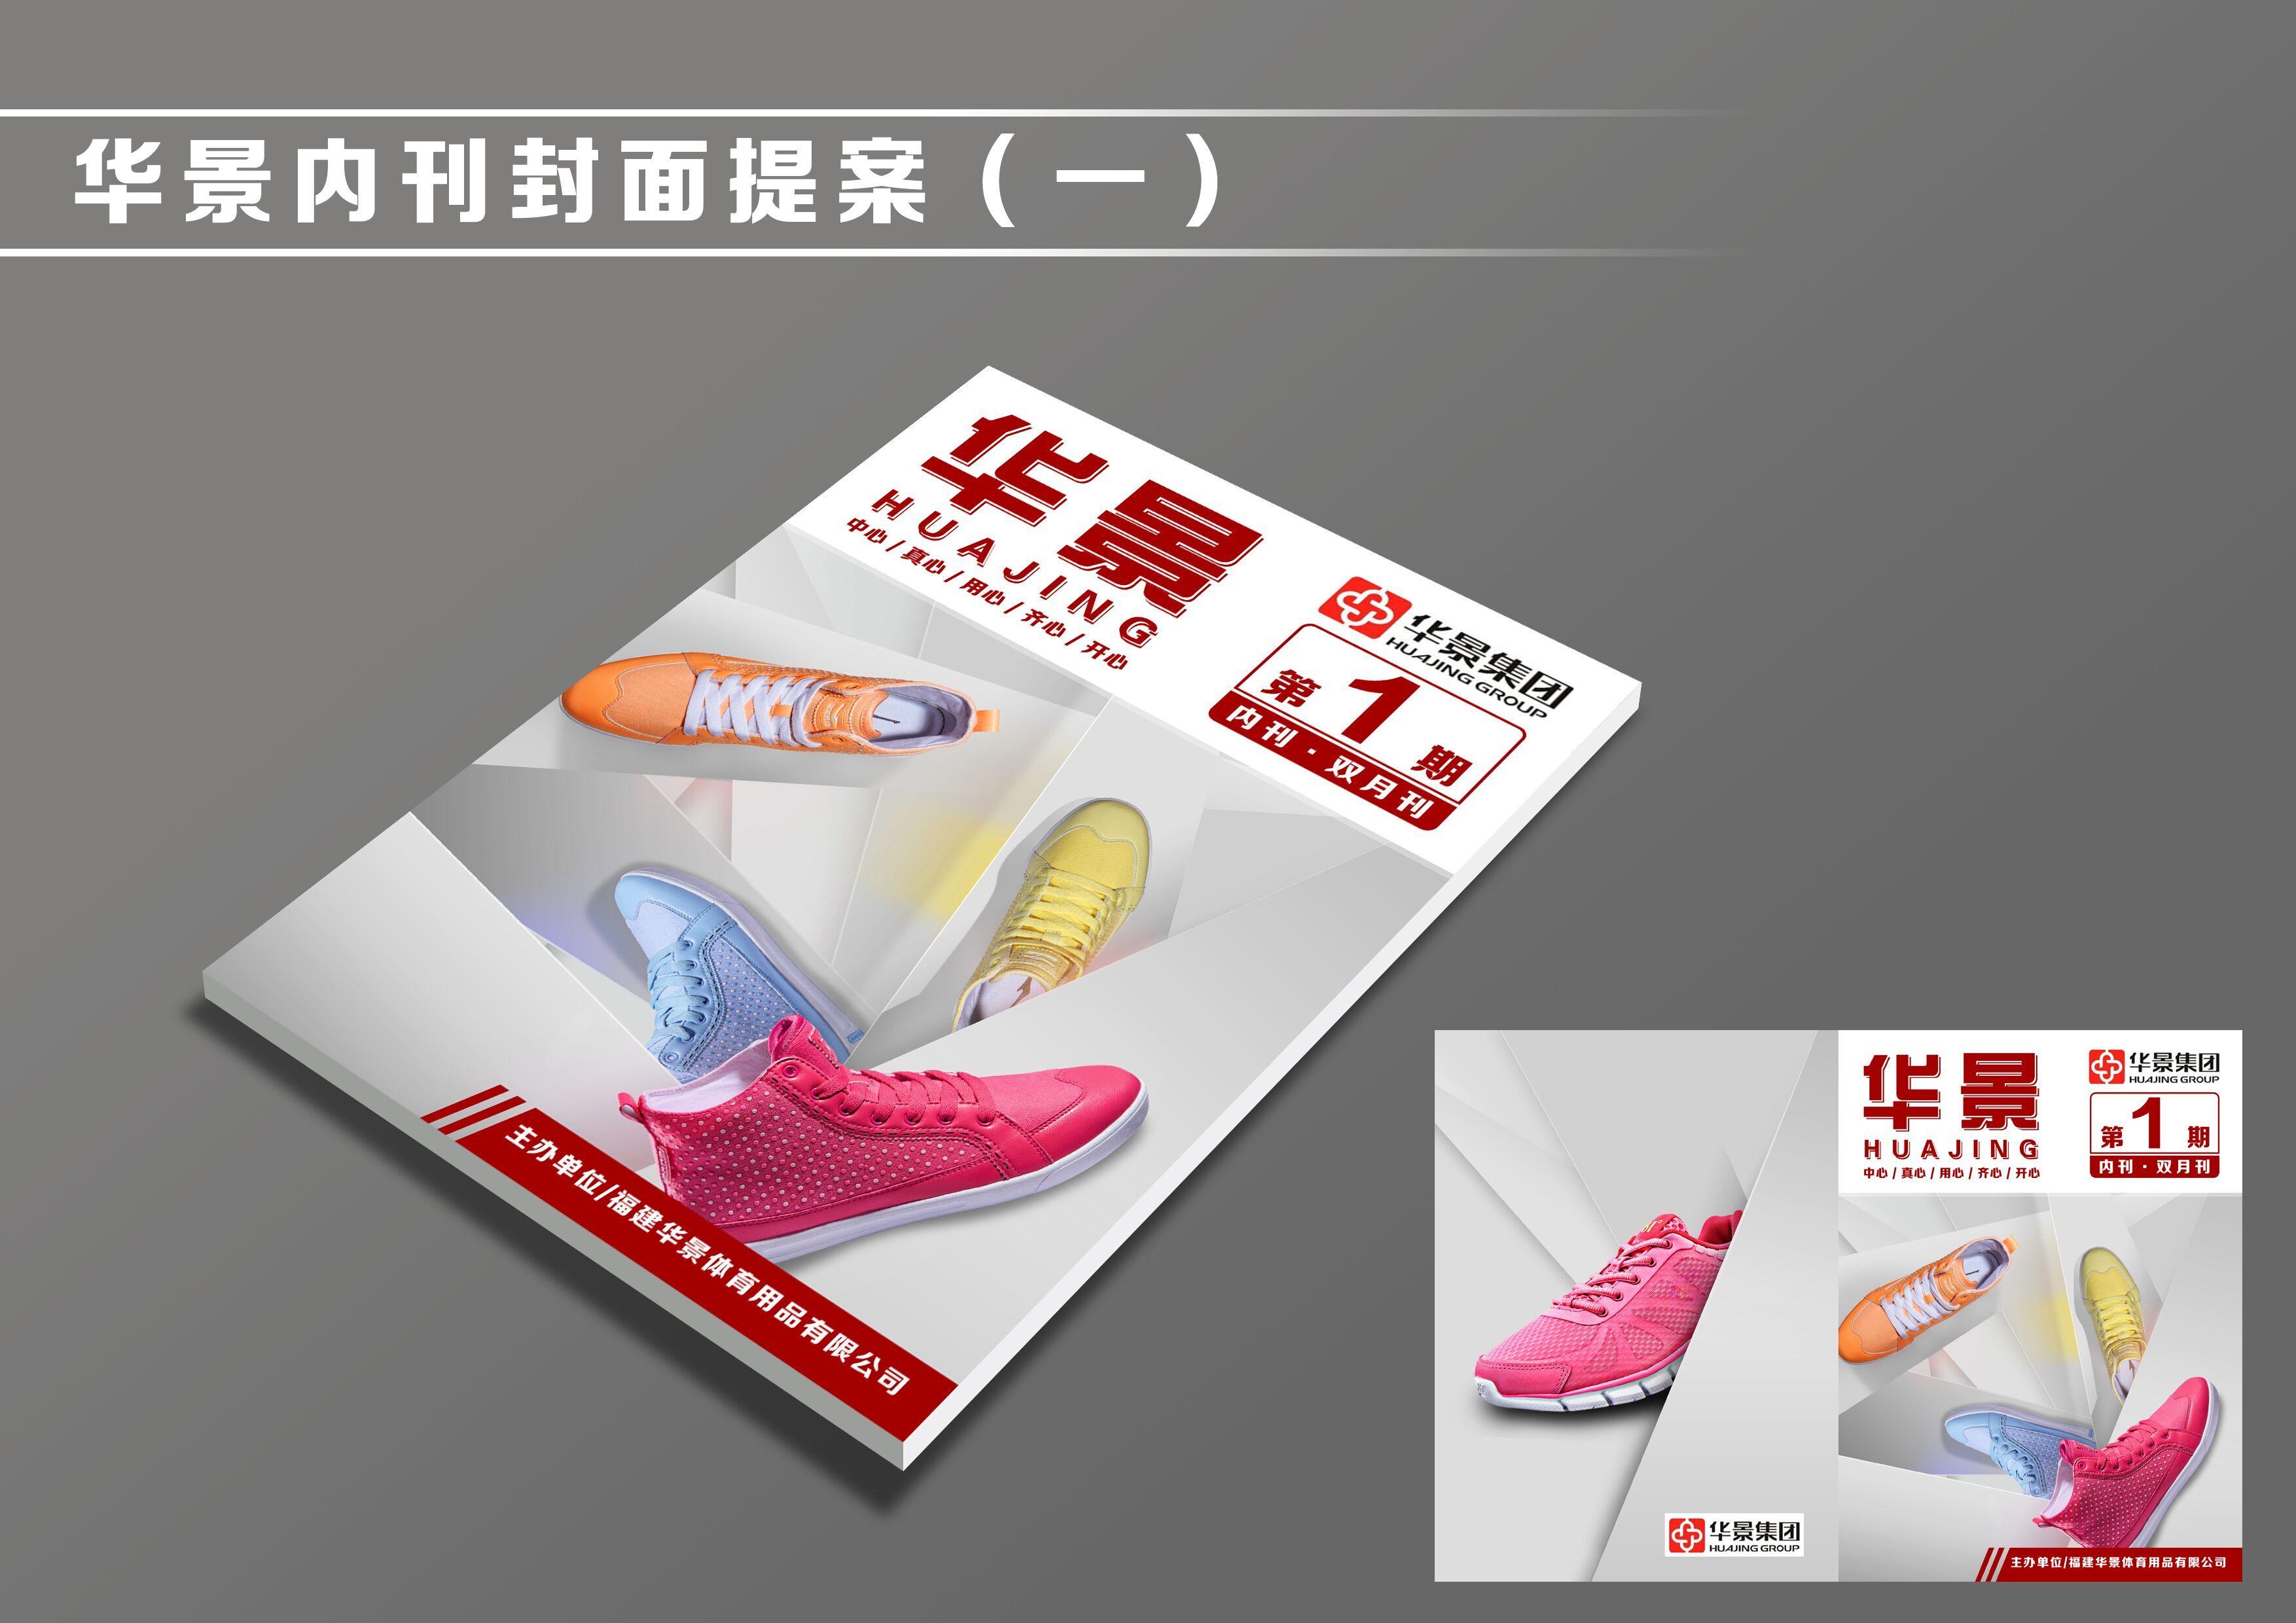 企业画册设计餐饮地产酒店金融保险书籍设计单页传单封面设计